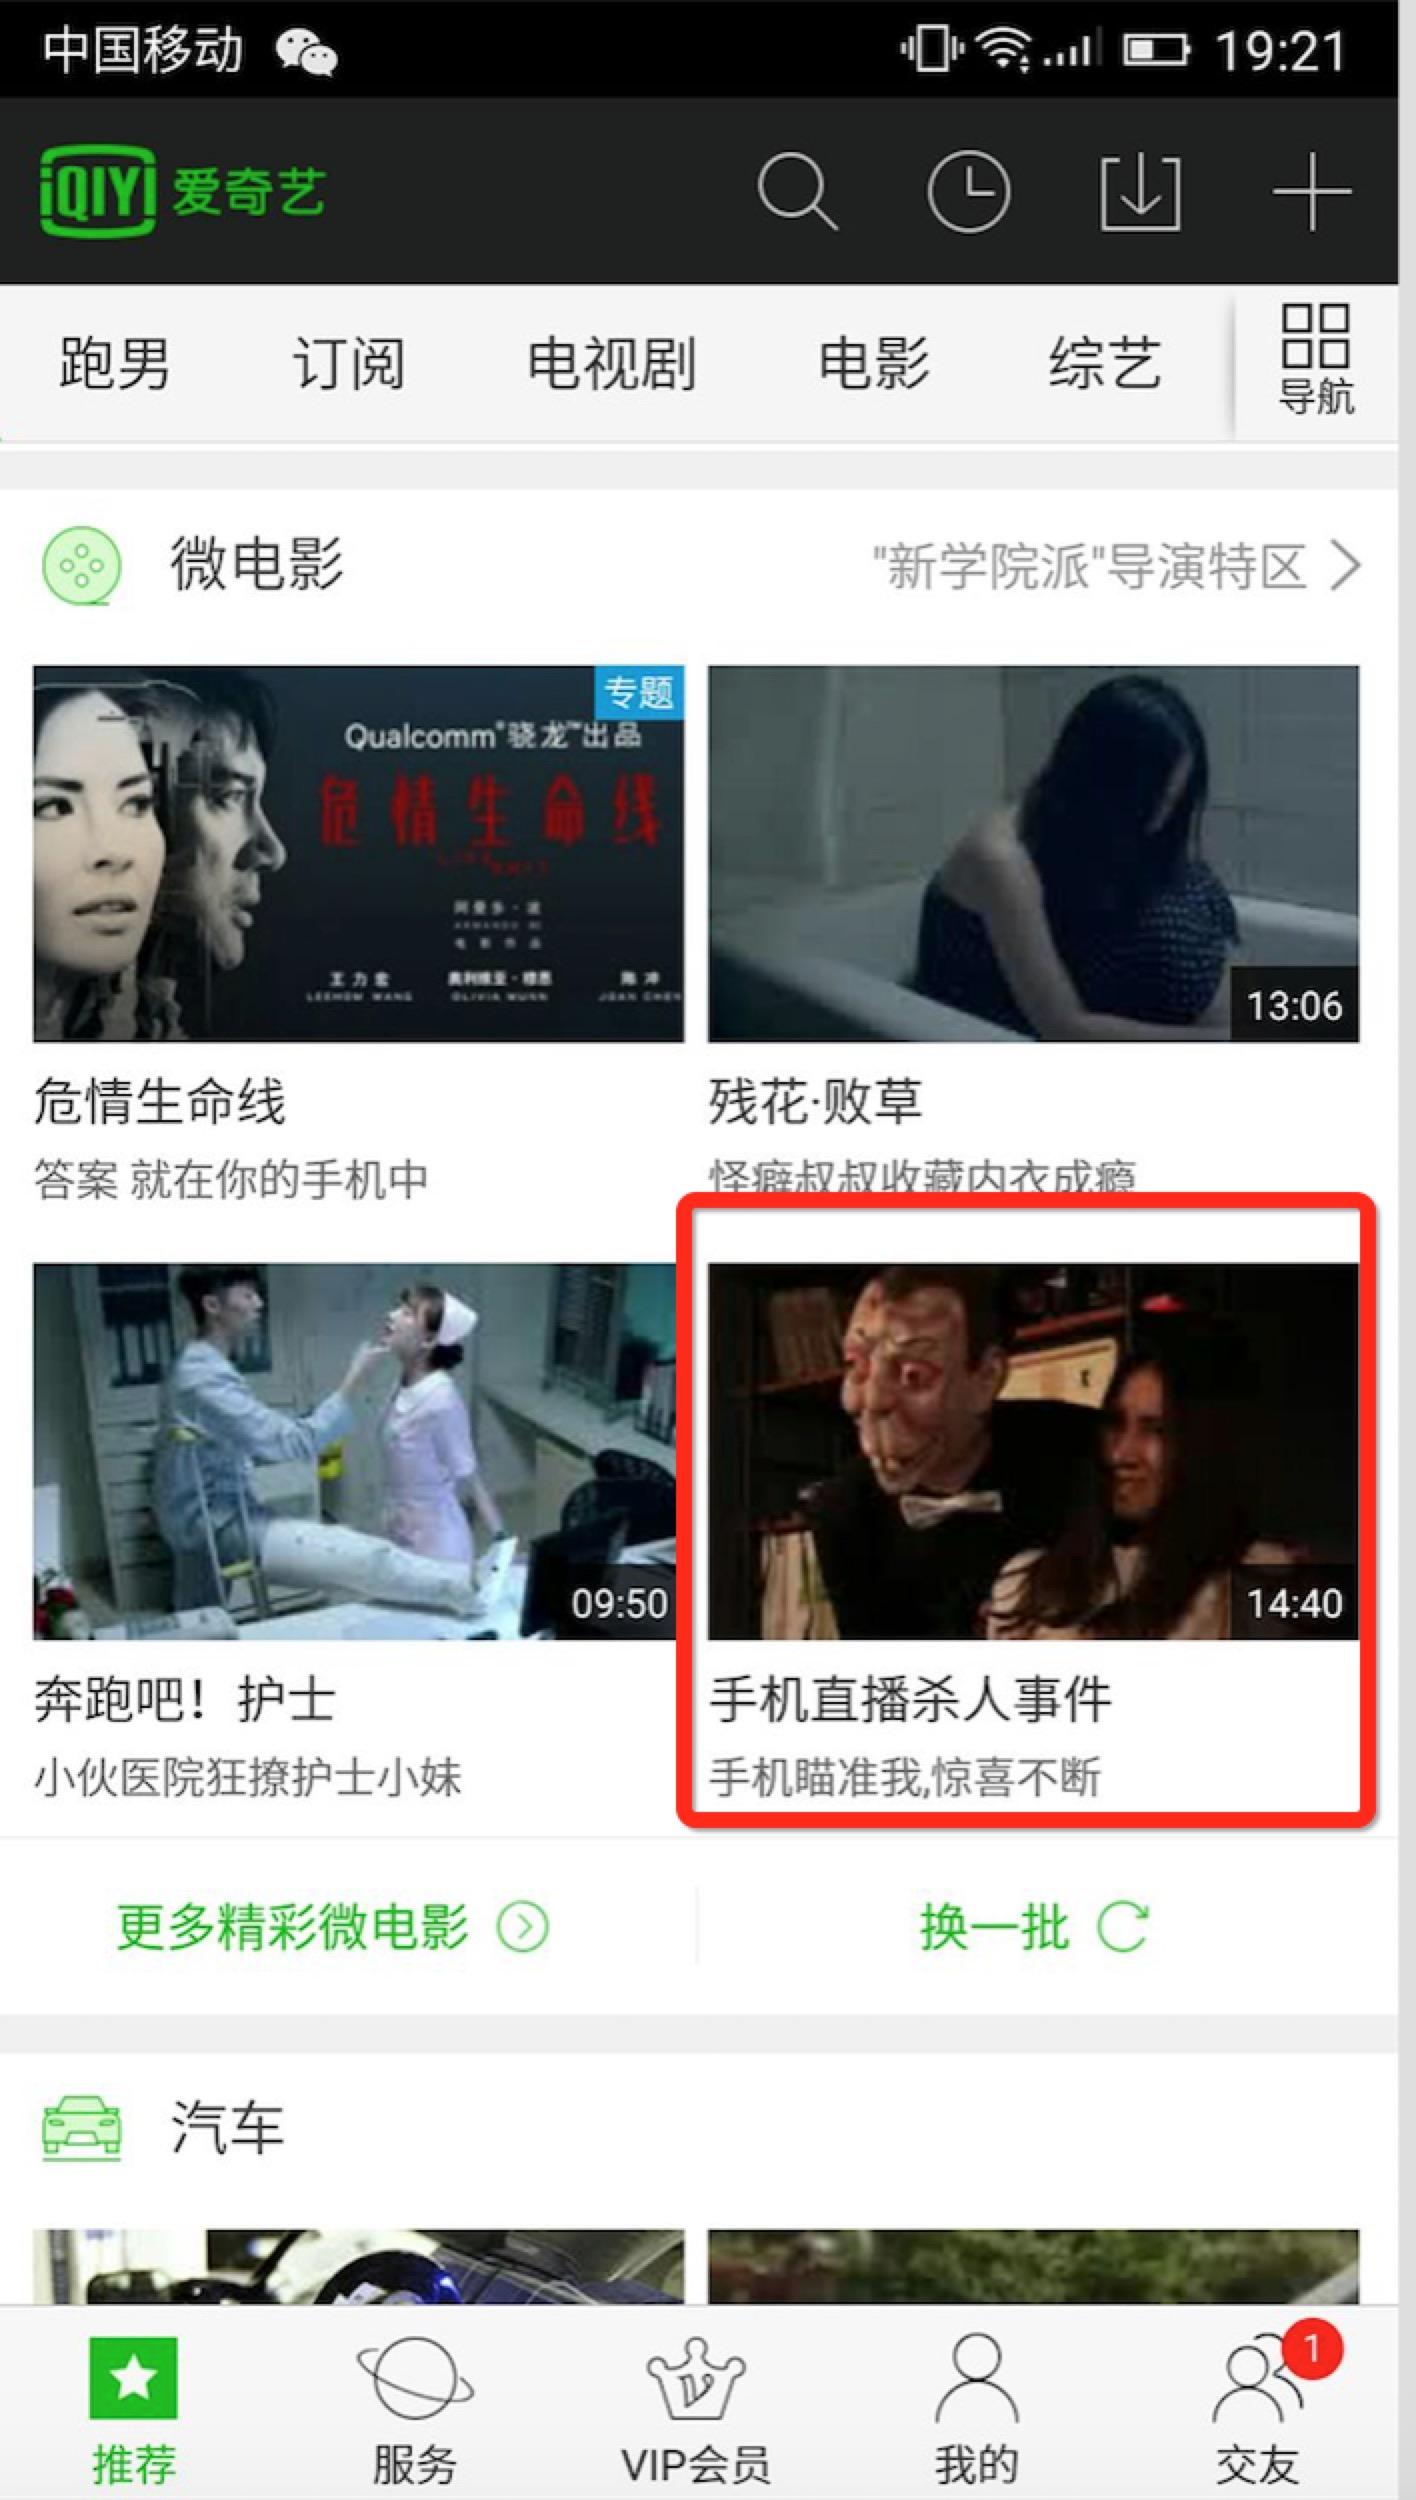 爱奇艺app微电影